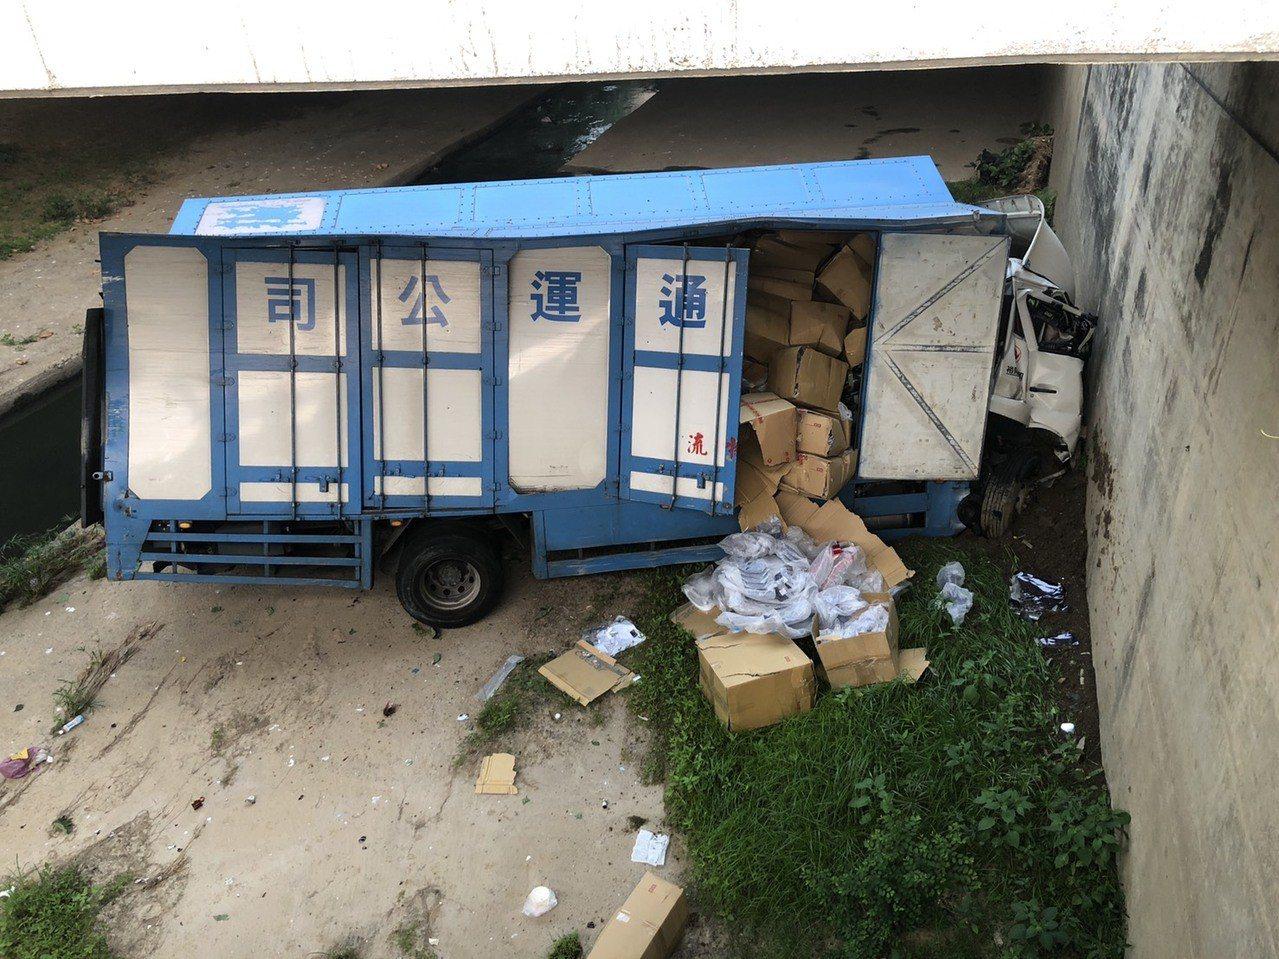 彭姓司機駕駛的大貨車,今天清晨6時許被發現,摔落在中山高北上257公里邊坡旁橋下...